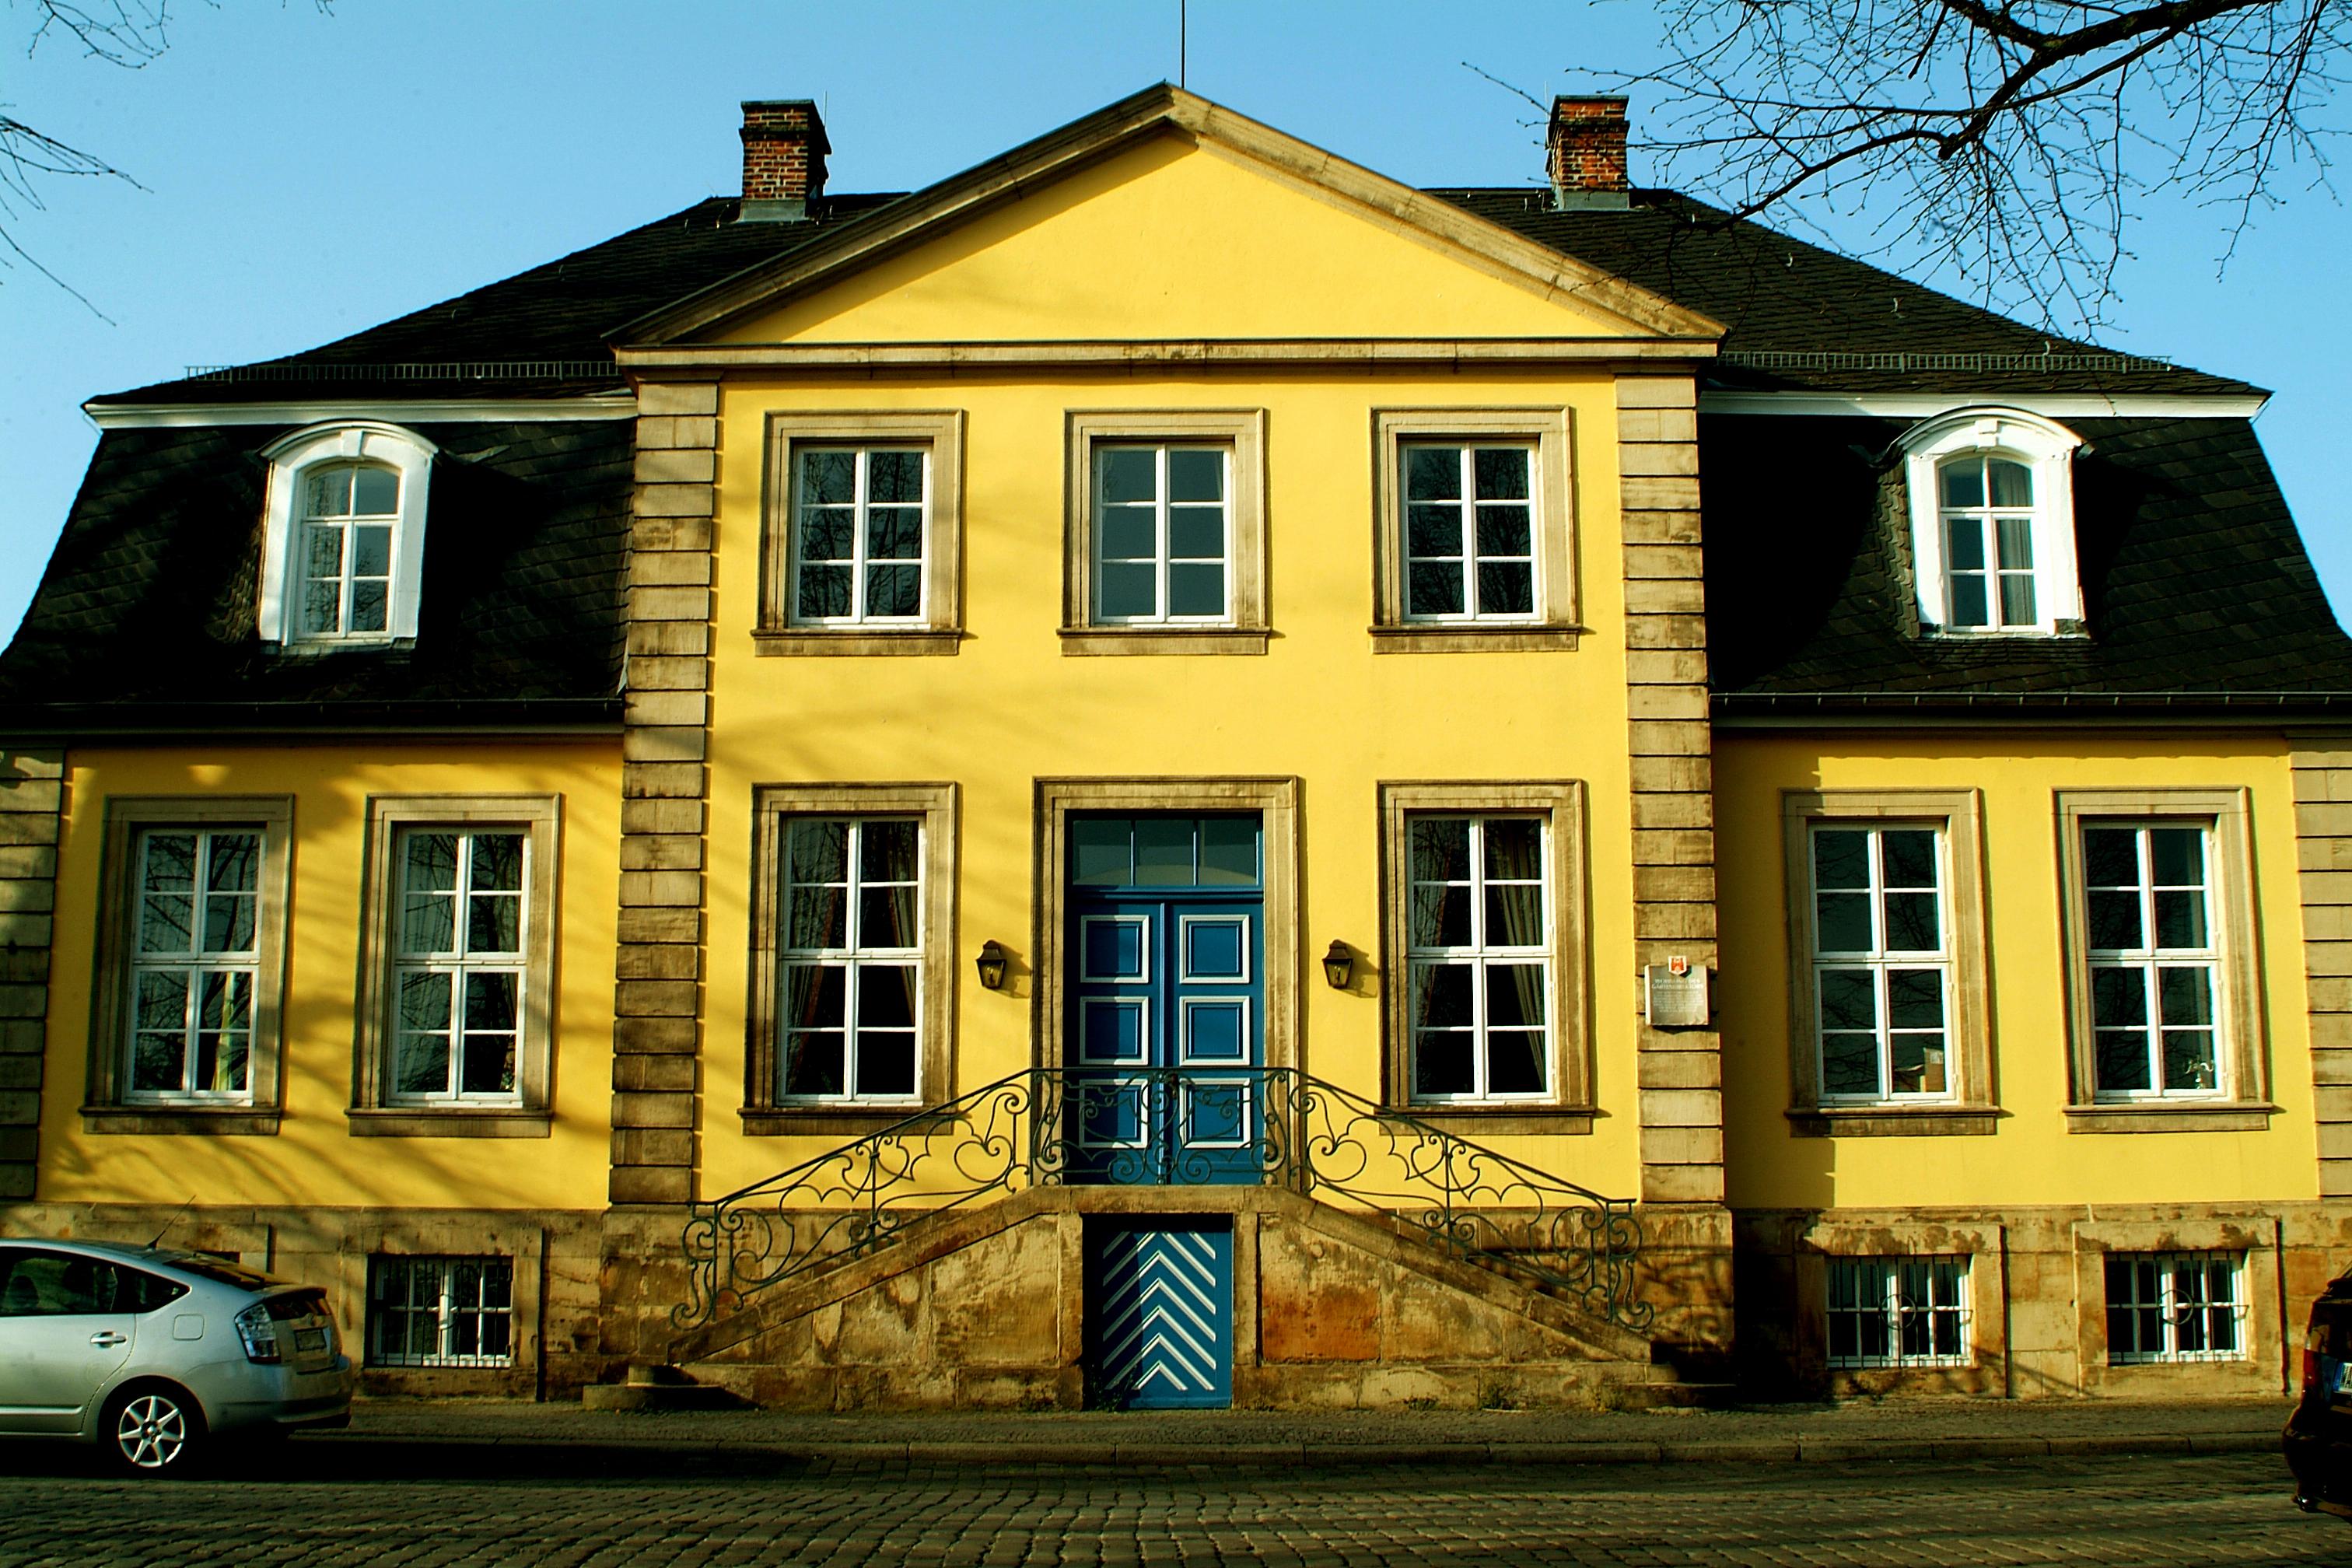 Hardenbergsches Haus - Wikiwand size: 3024 x 2016 post ID: 4 File size: 0 B